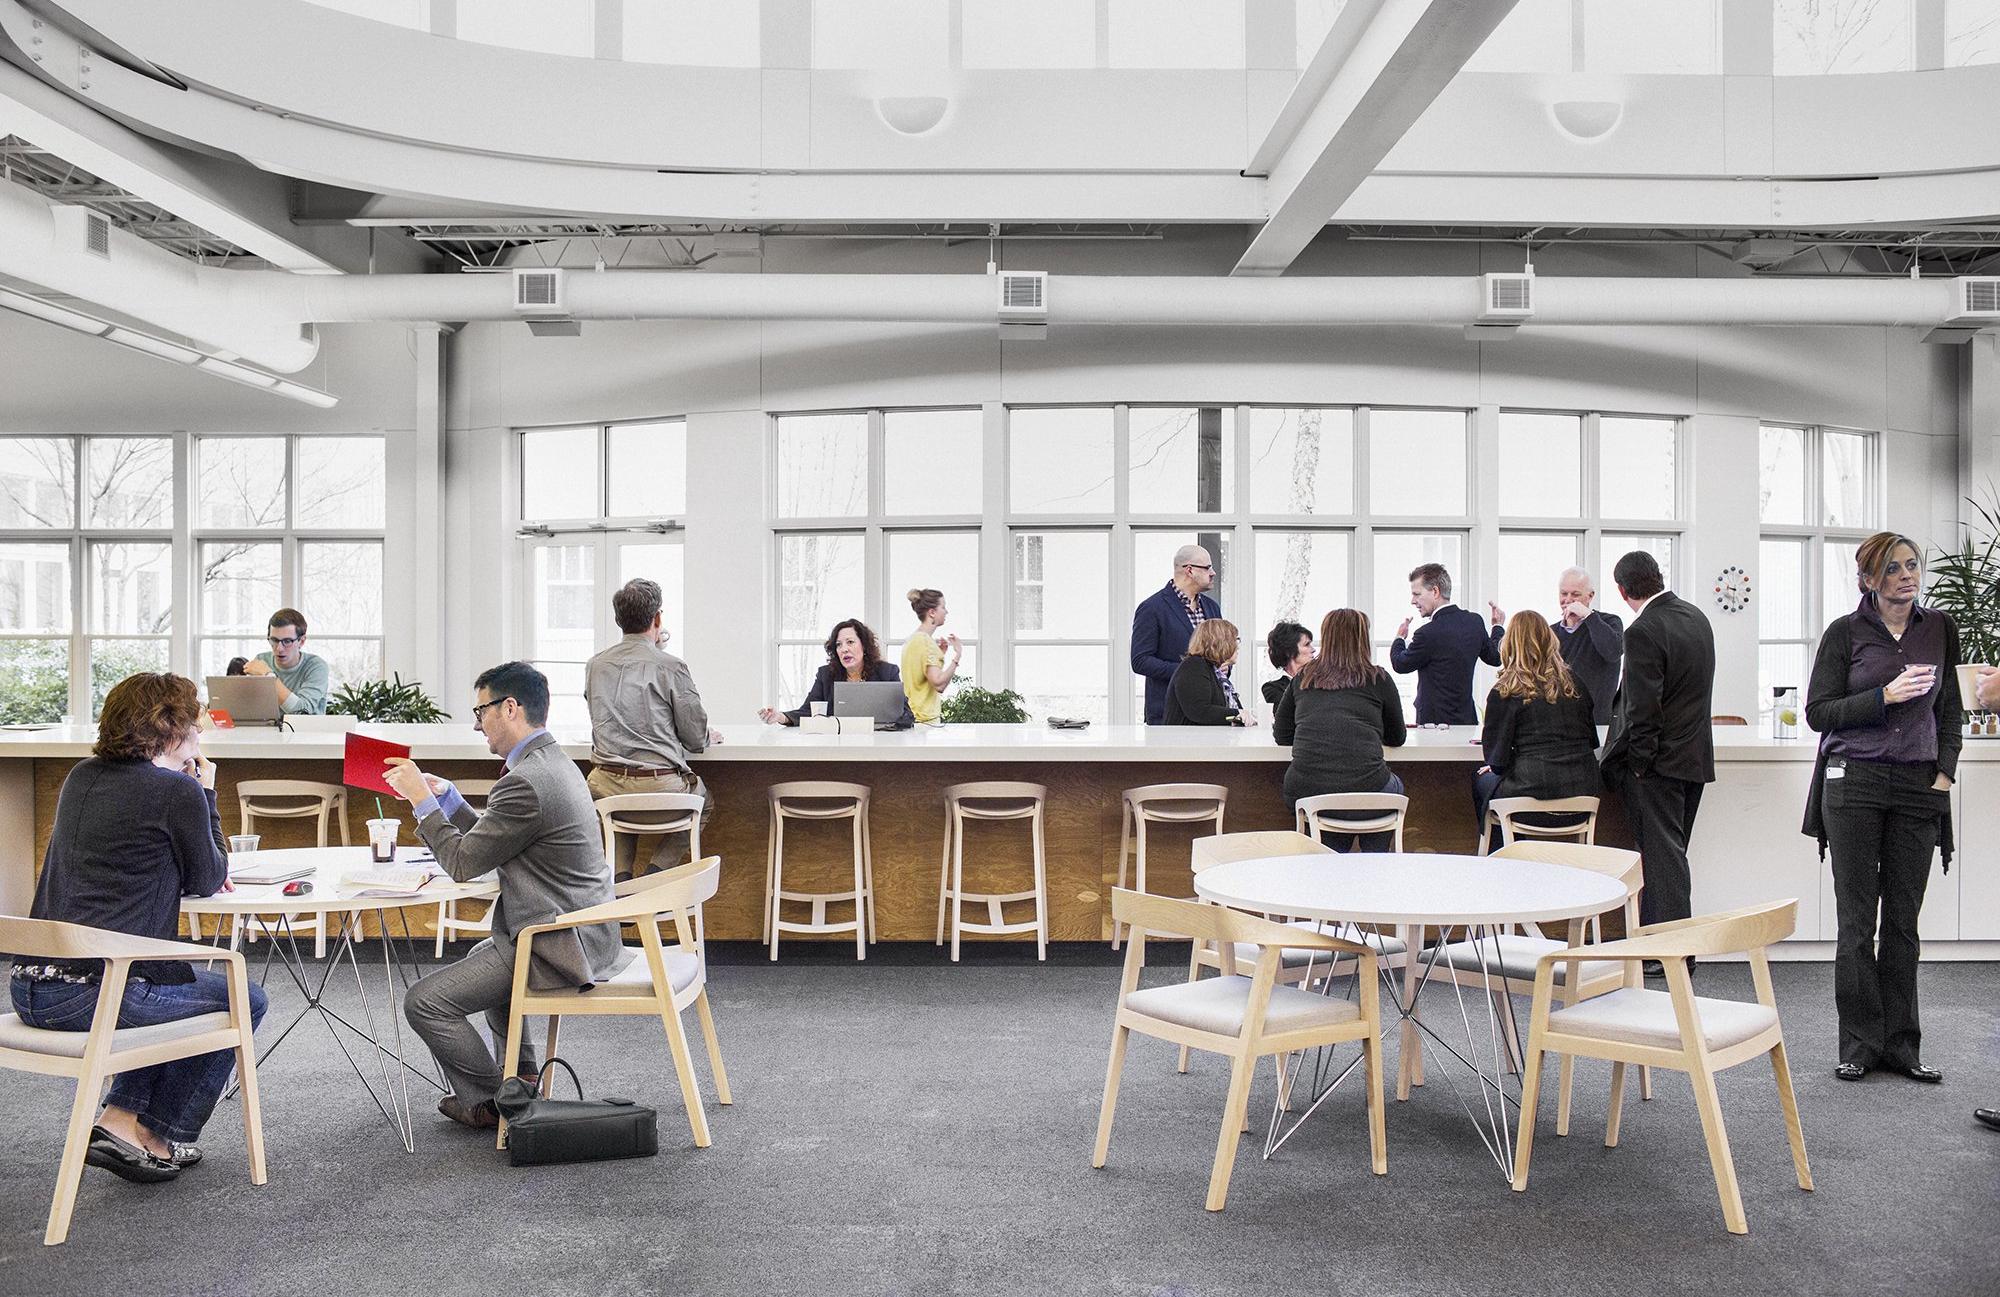 Claves para construir espacios de trabajo colaborativos for Oficinas de trabajo temporal